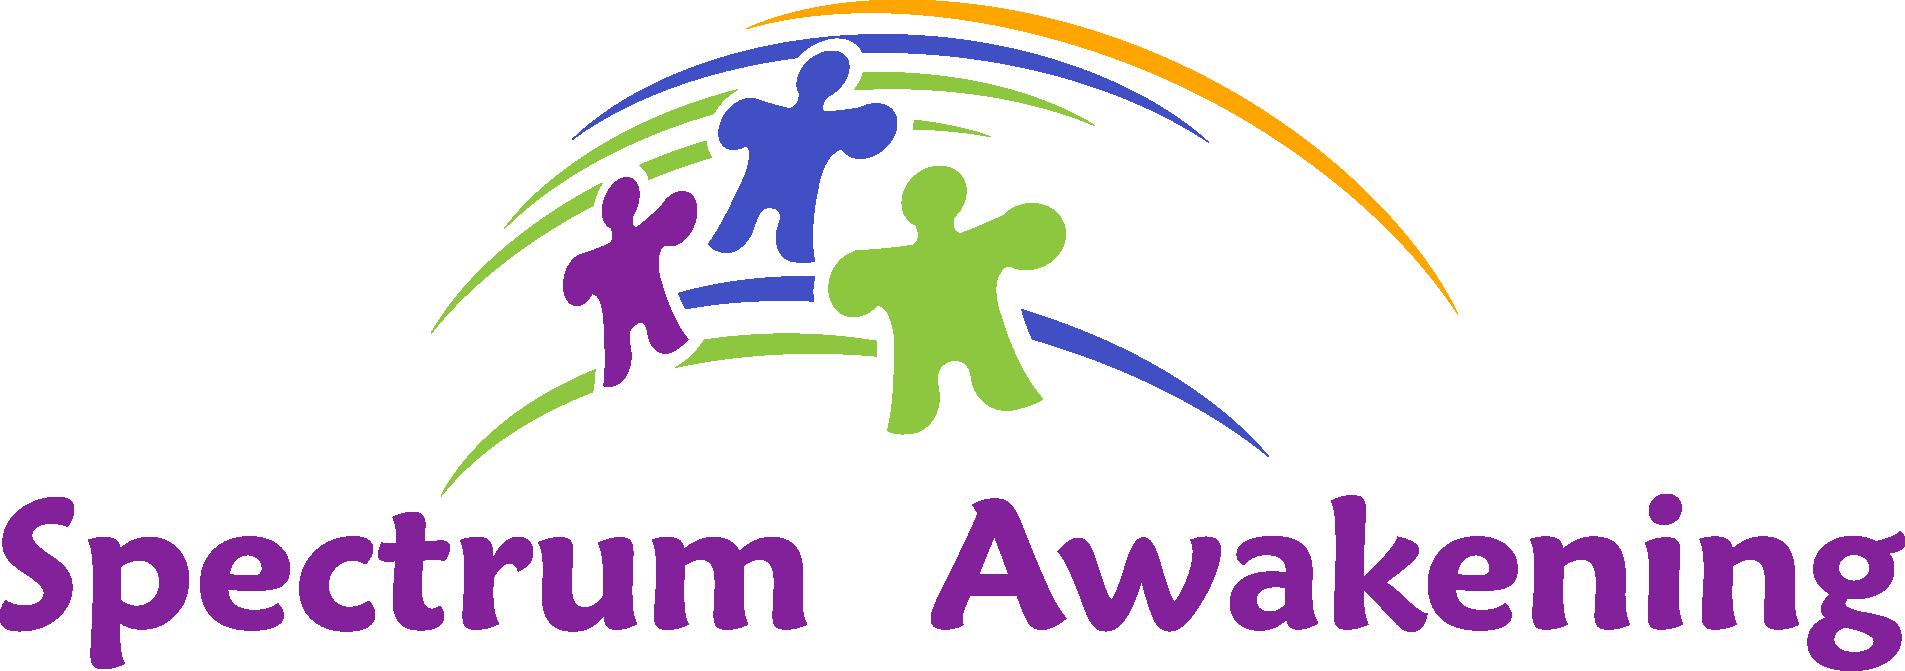 Spectrum Awakening Institute